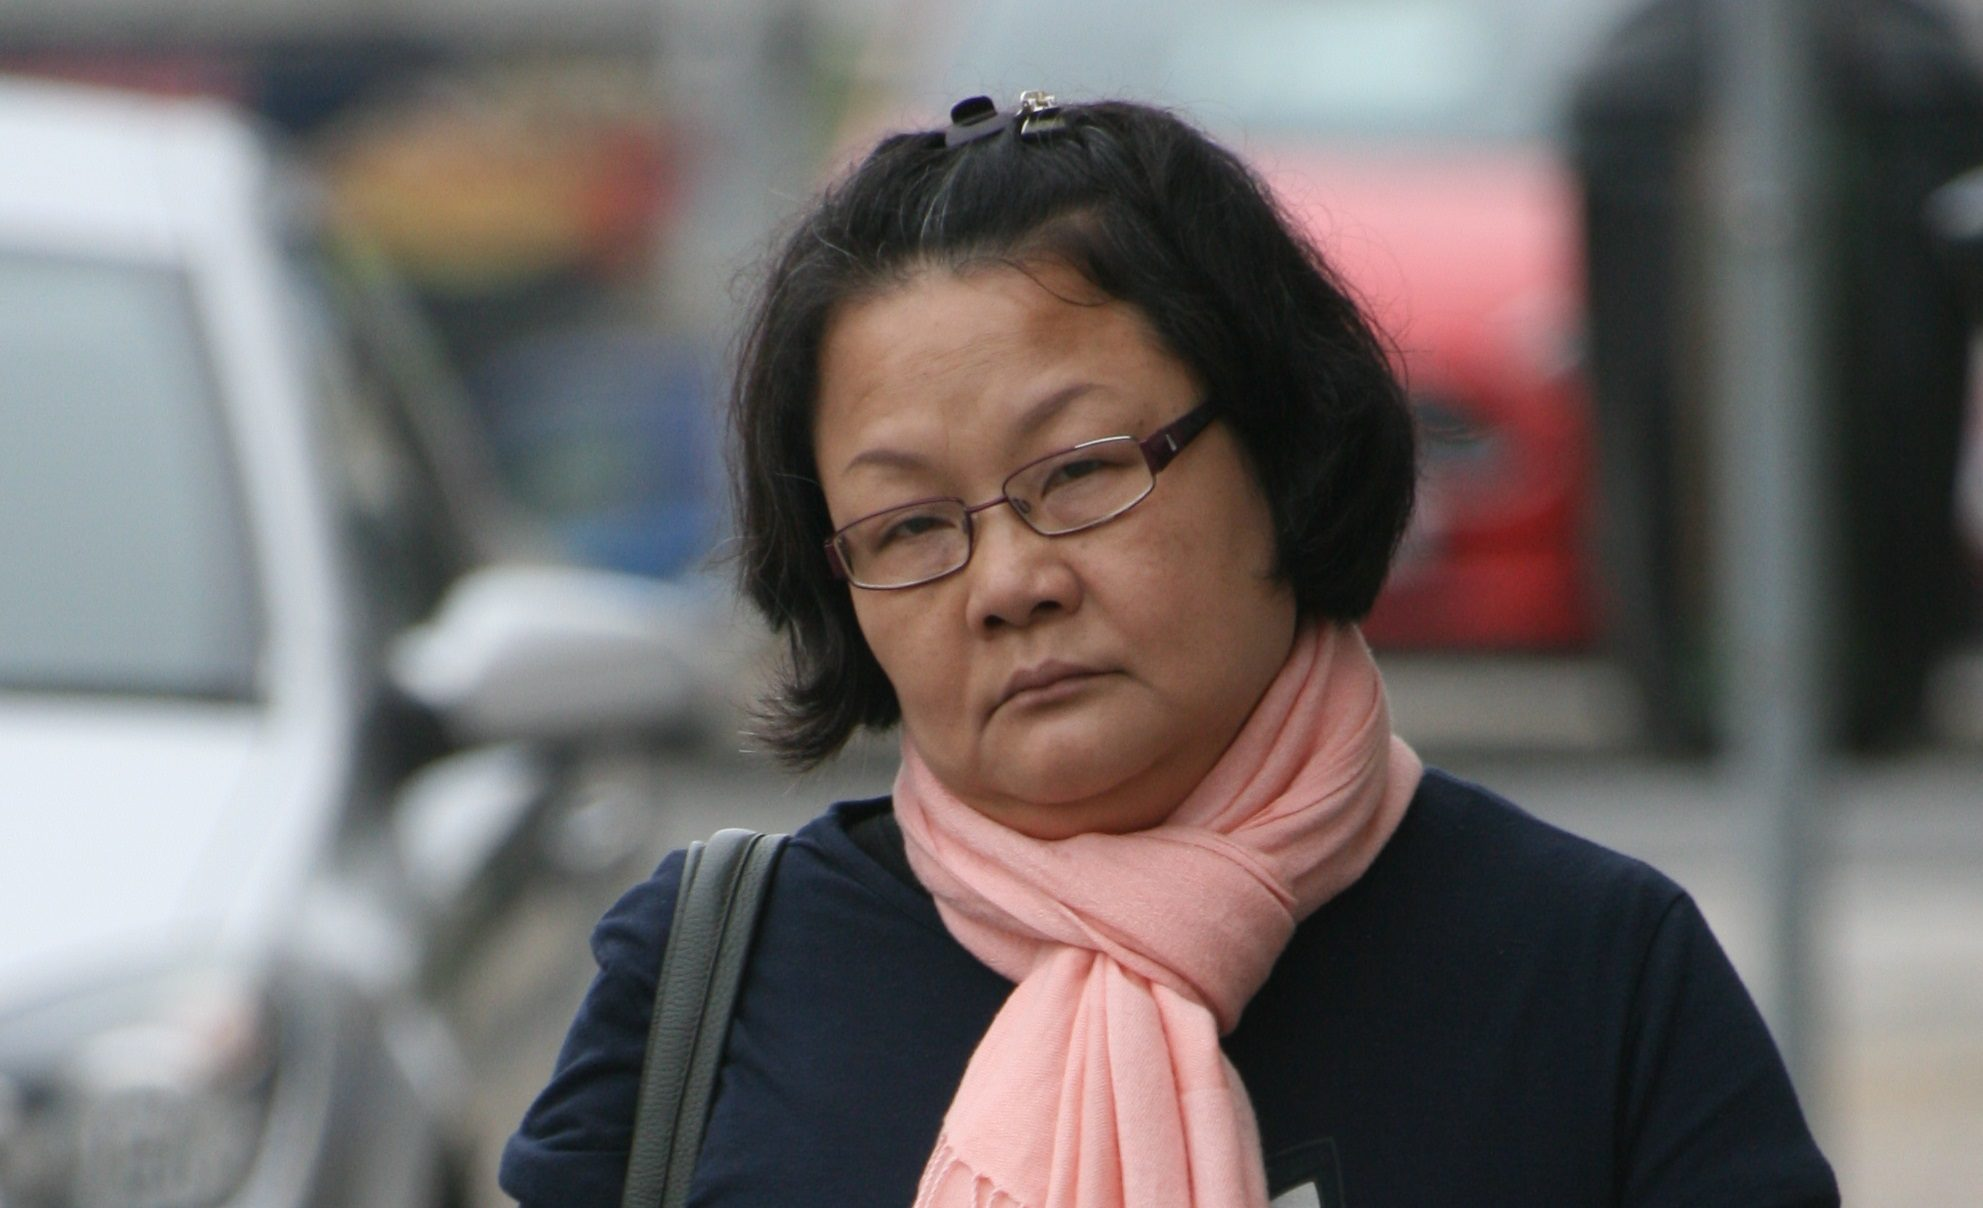 Chin Chih Chang